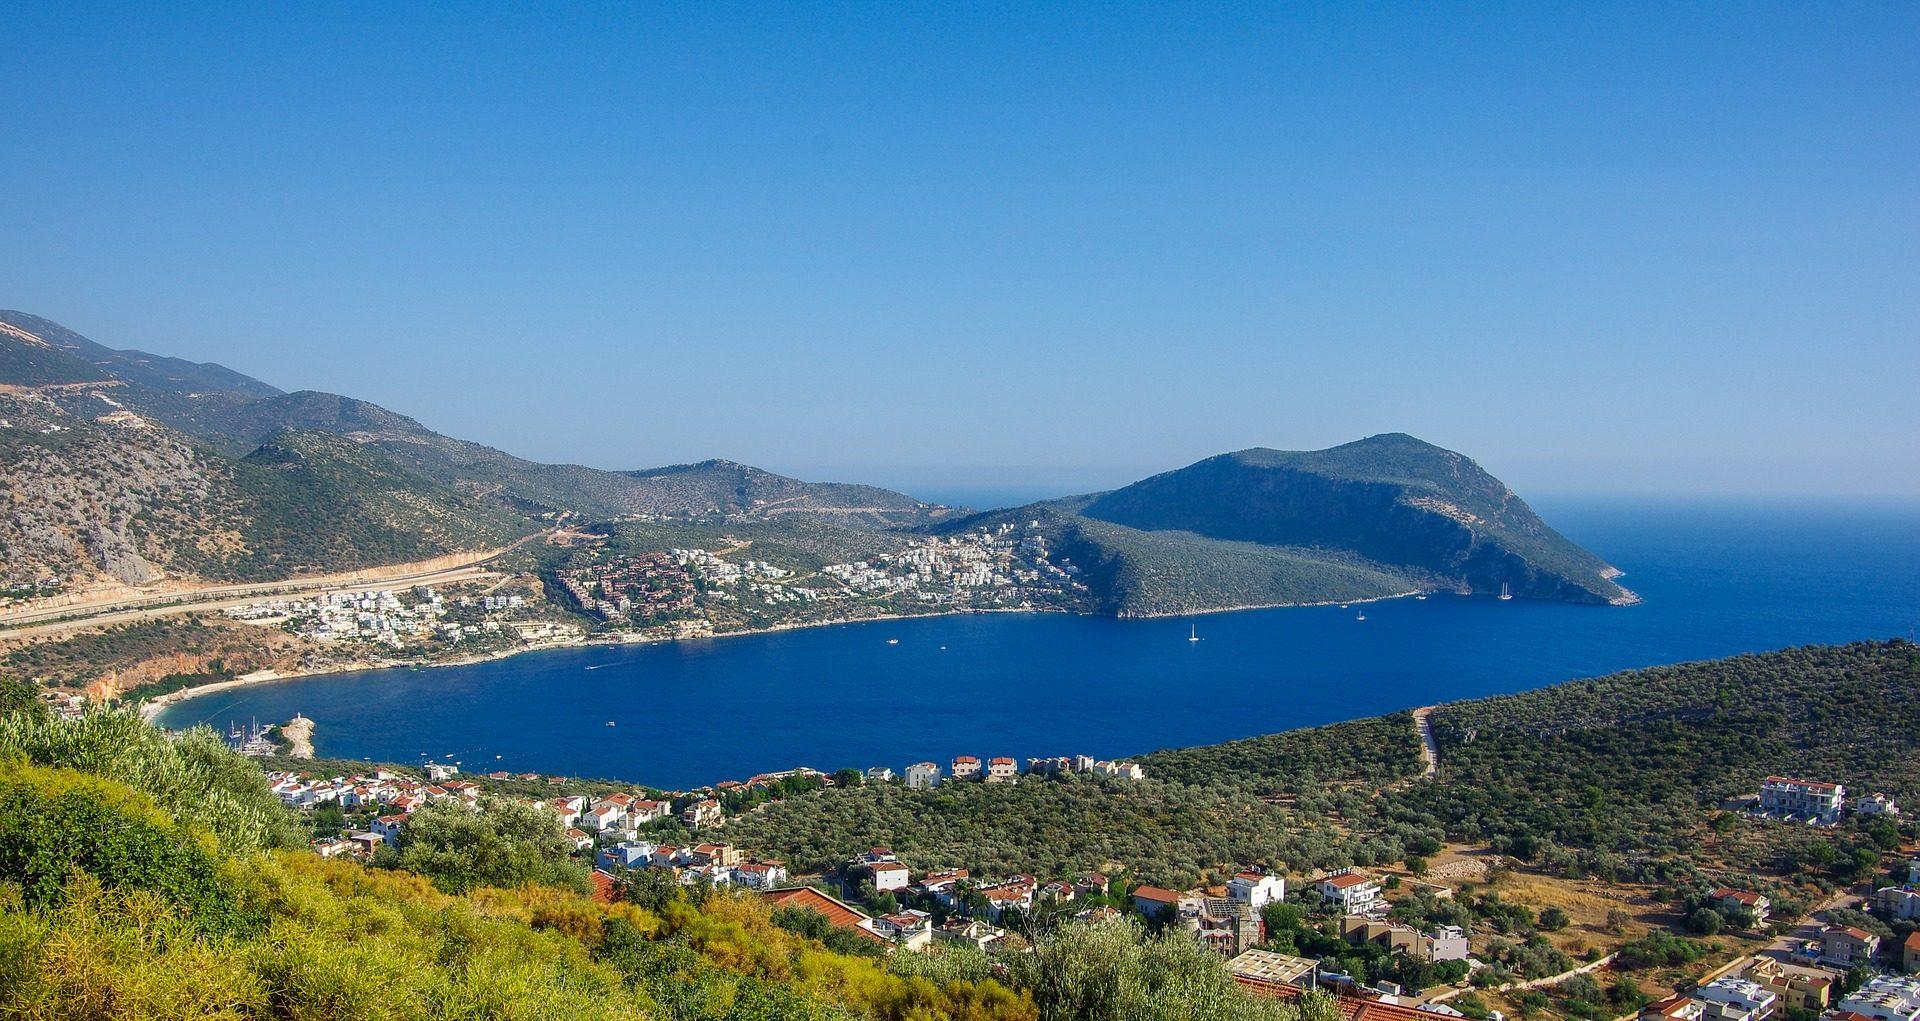 All Inclusive Wellnessurlaub Türkei eine Woche ab 183,00€ im 4 Hotel - Kemer